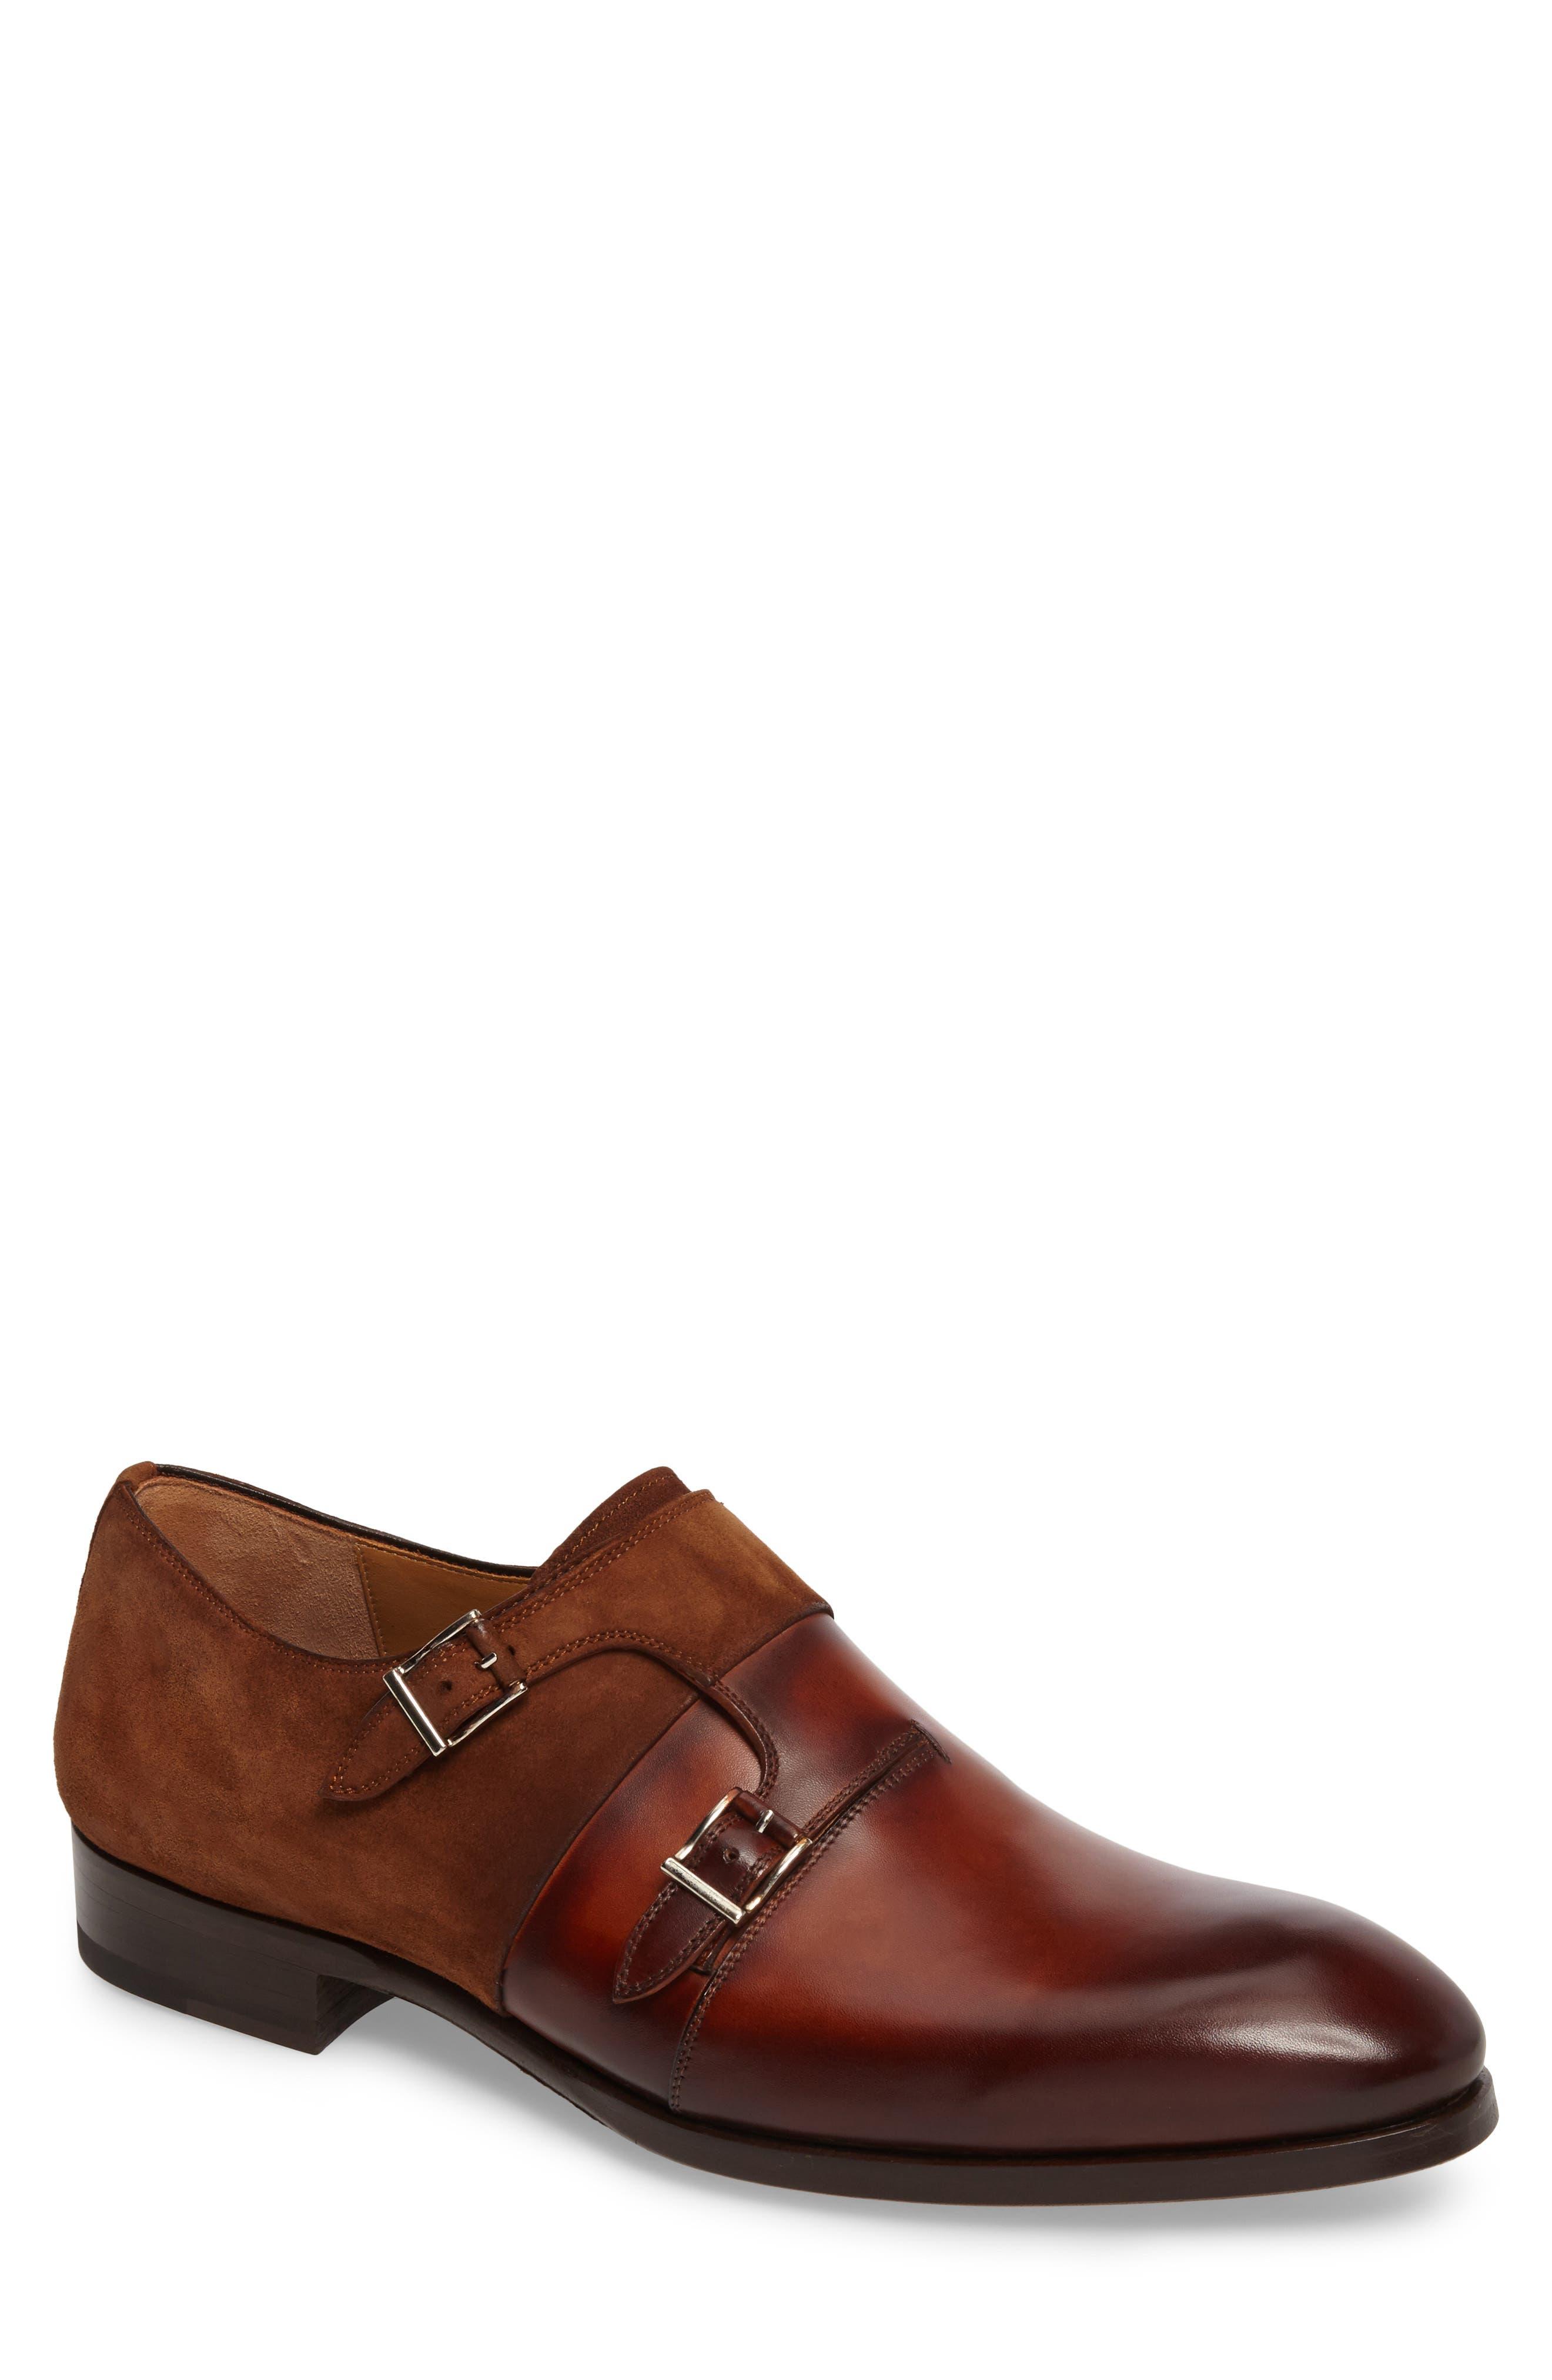 Orville Double Monk Strap Shoe,                             Main thumbnail 1, color,                             219